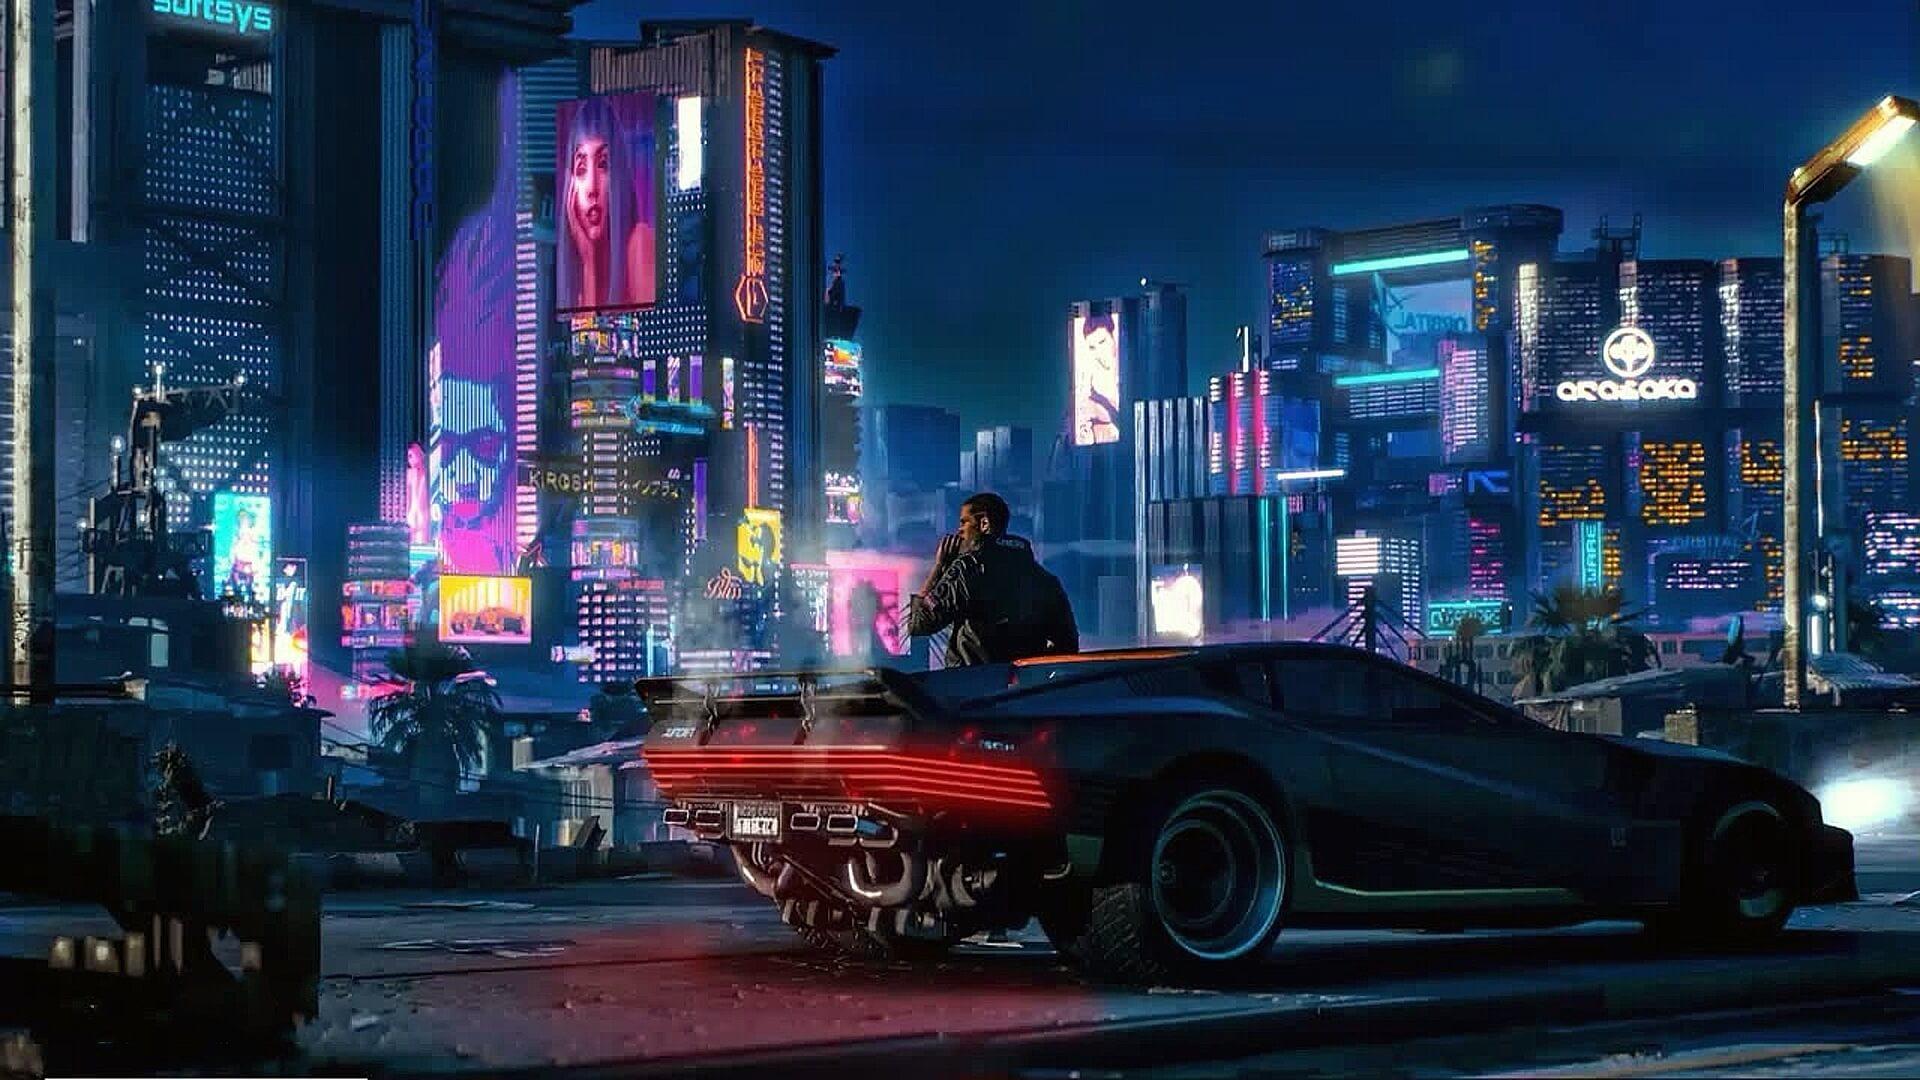 Cyberpunk 2077 Wallpapers Hd: Cyberpunk 2077 : De Nouvelles Images Dévoilées